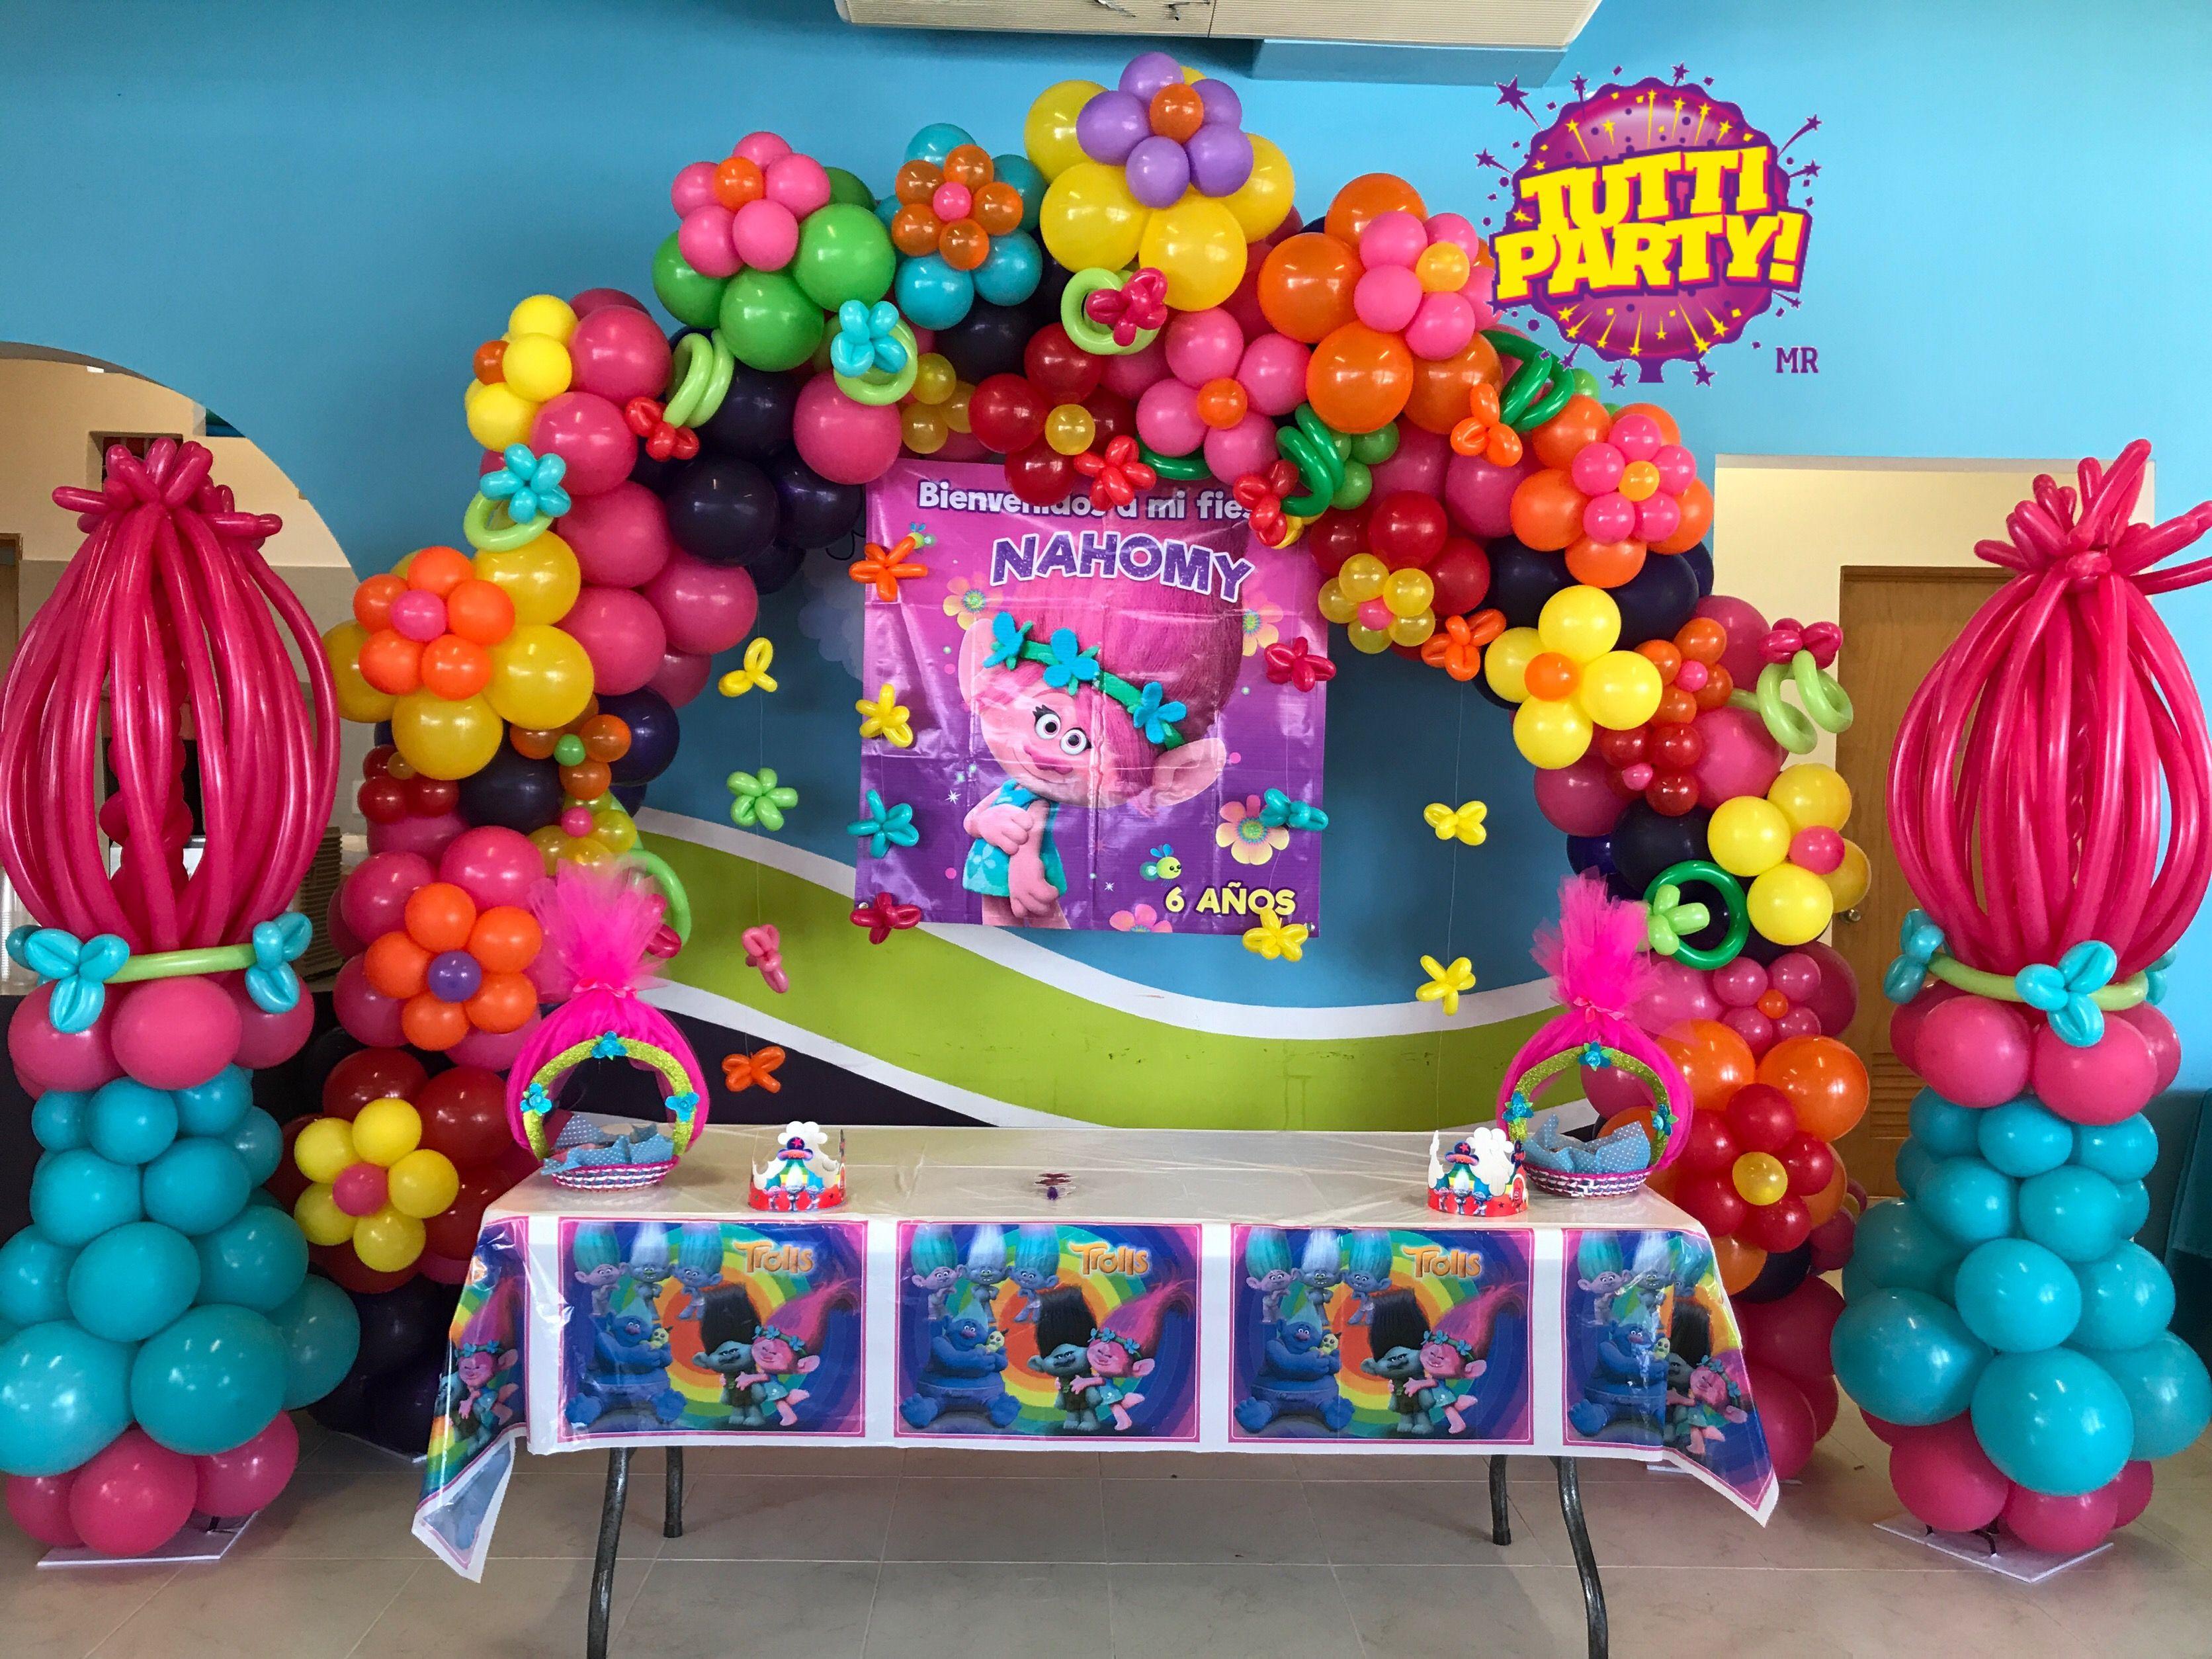 Poppy Party Poppy Trolls Party Decorations Balloons Party Ideas - Party decorations balloons